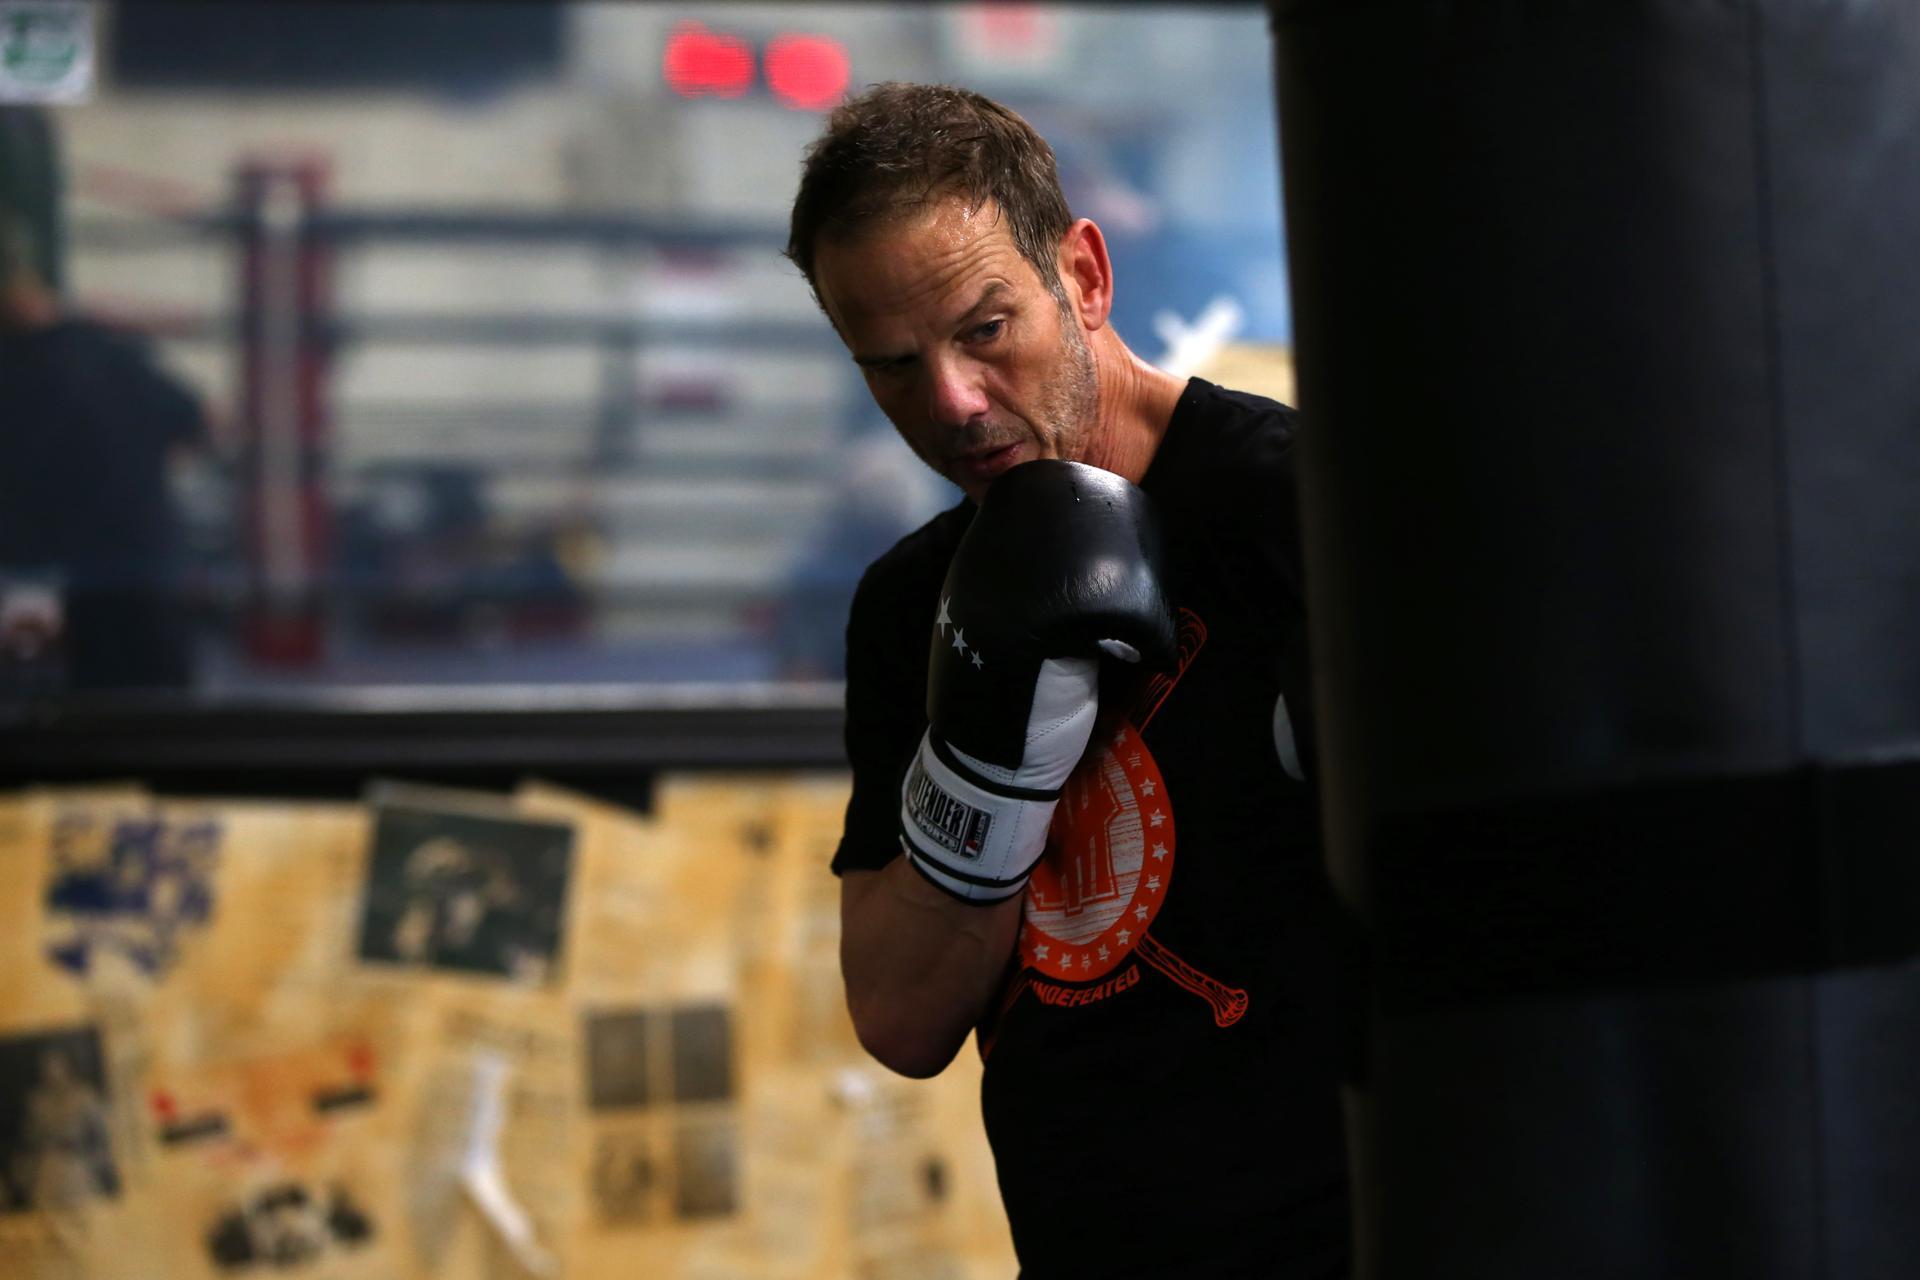 peter berg boxing